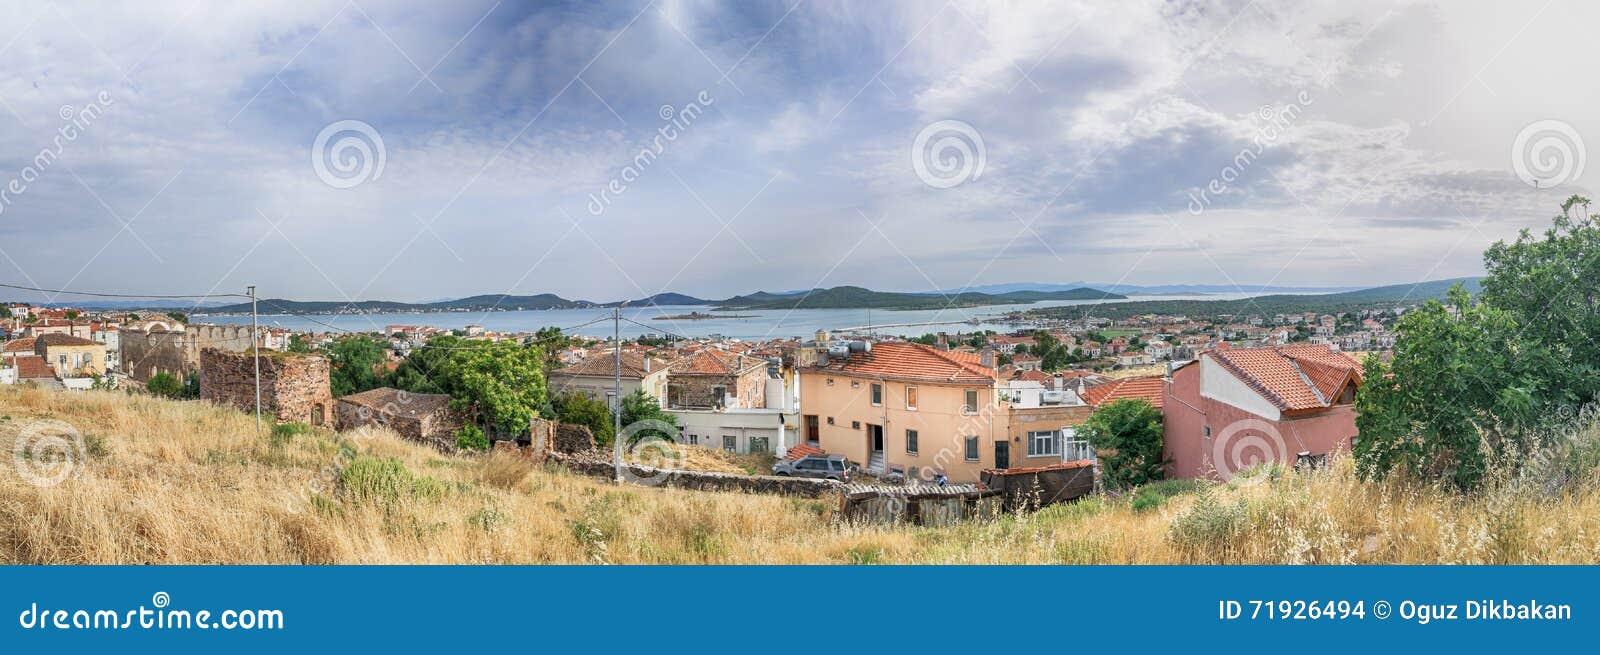 Панорама Seascape touristic городка, острова Cunda Alibey, Ayvalik Это малый остров в никаком